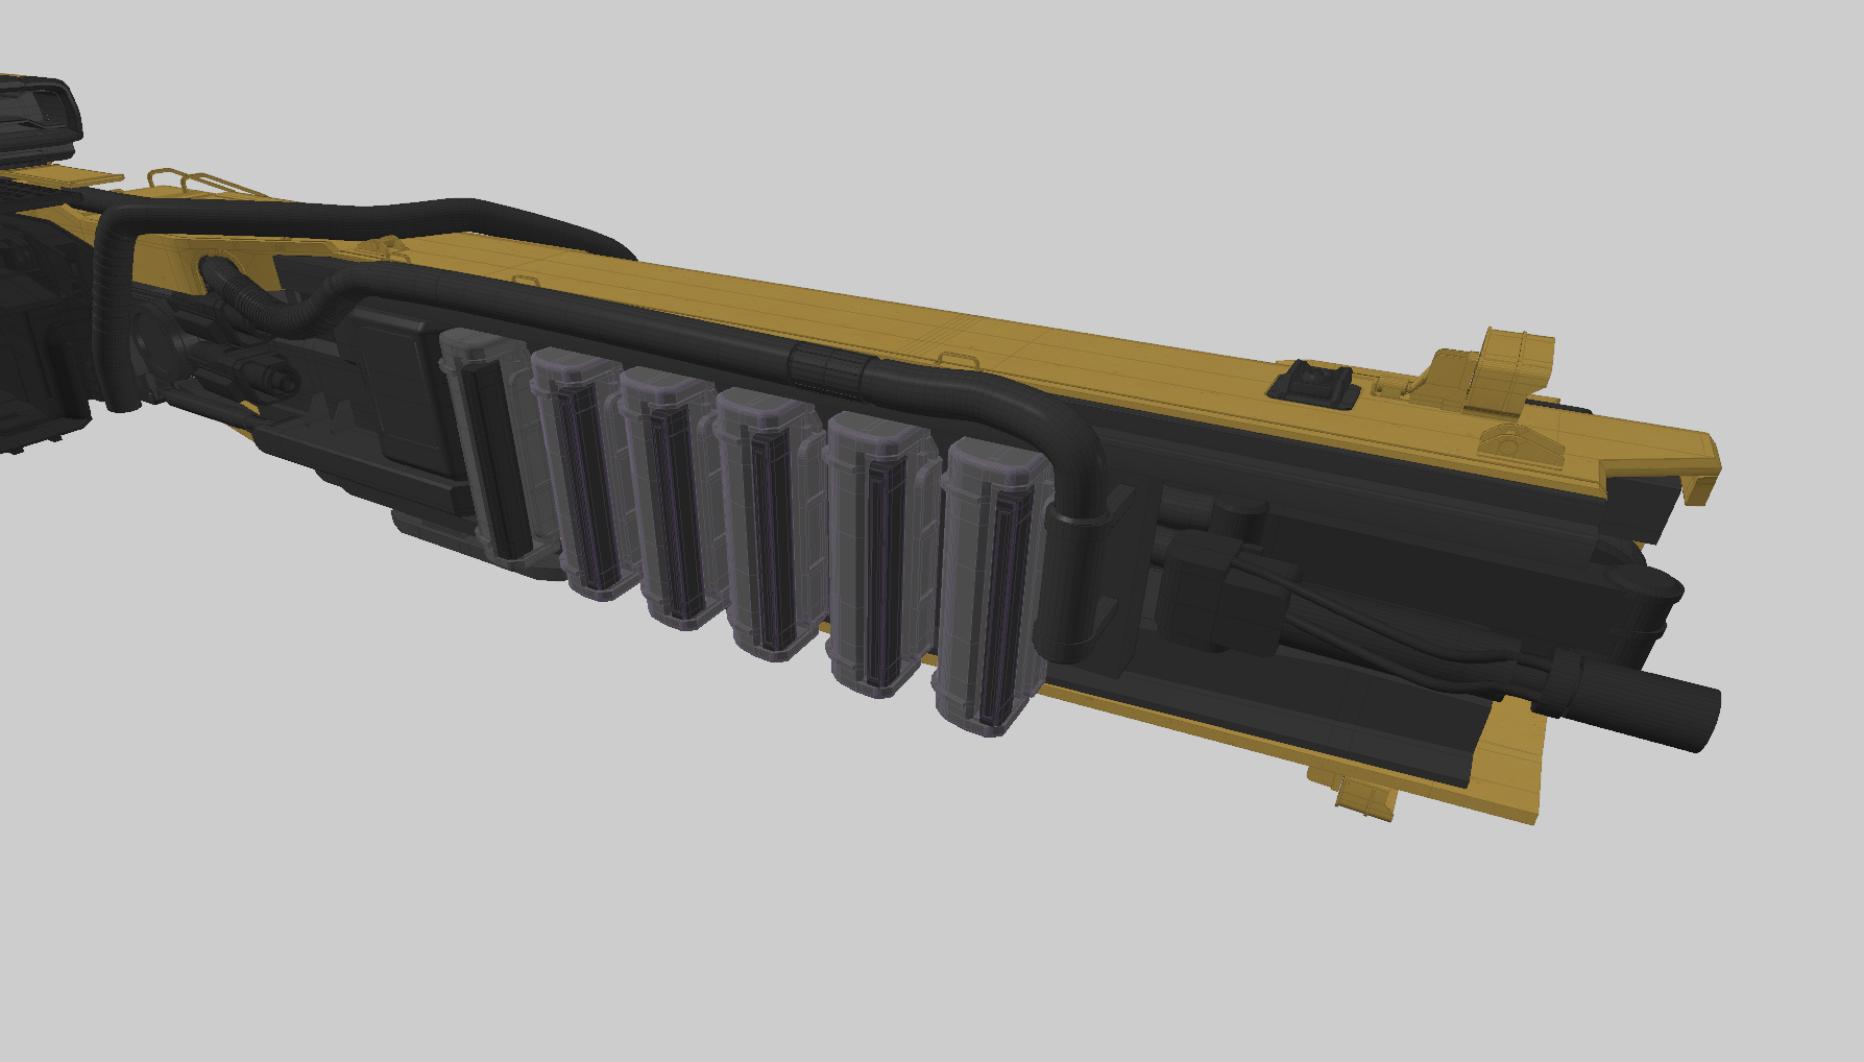 SC-Vulture-Vault-Concept-A-6.png